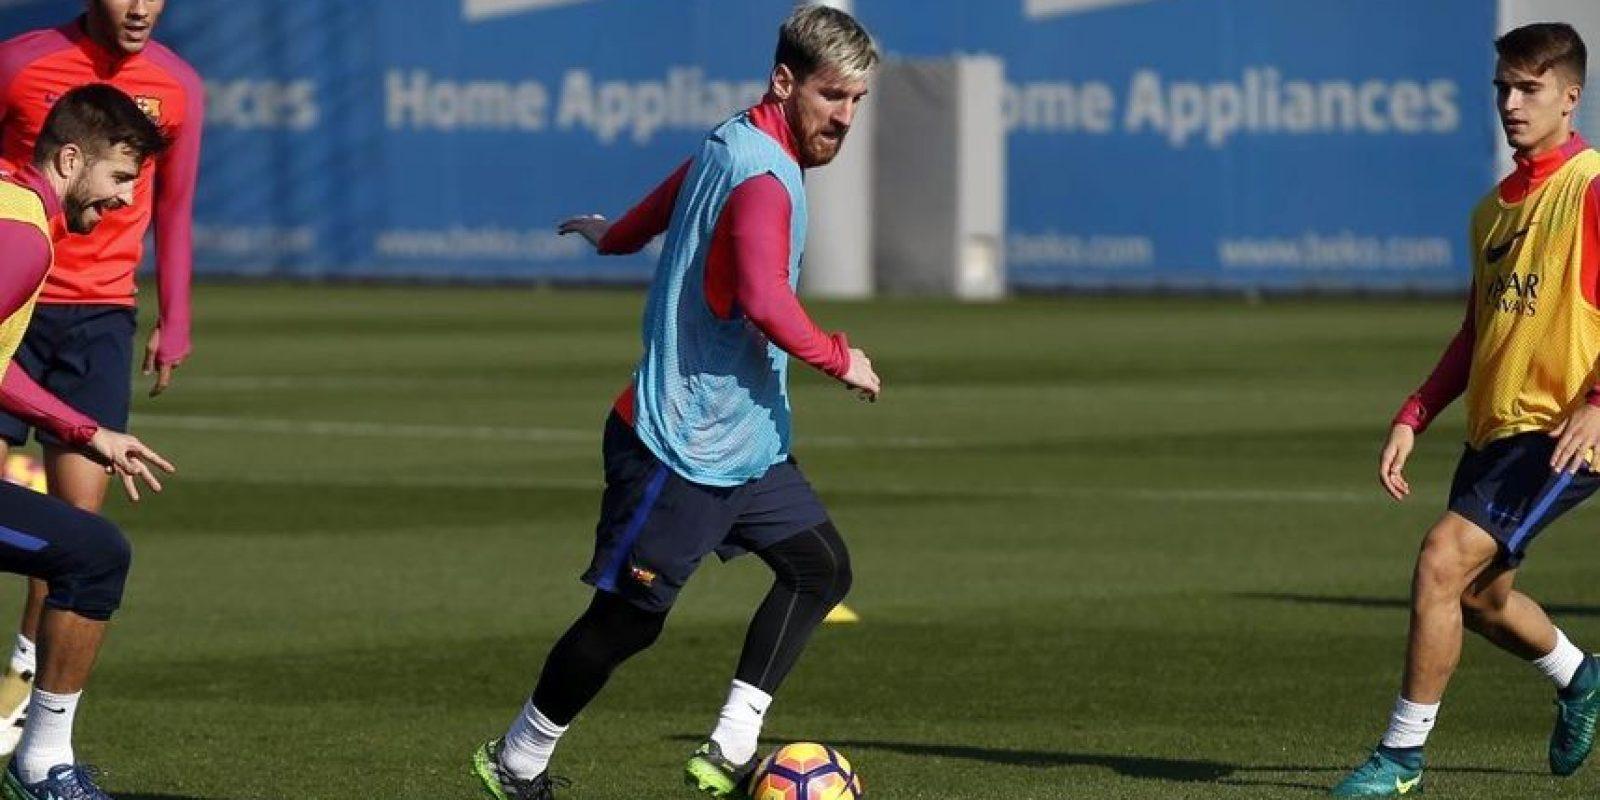 PSG le facilitó el avión a Lionel Messi y Mascherano para volver a Barcelona Foto:Twitter Barcelona